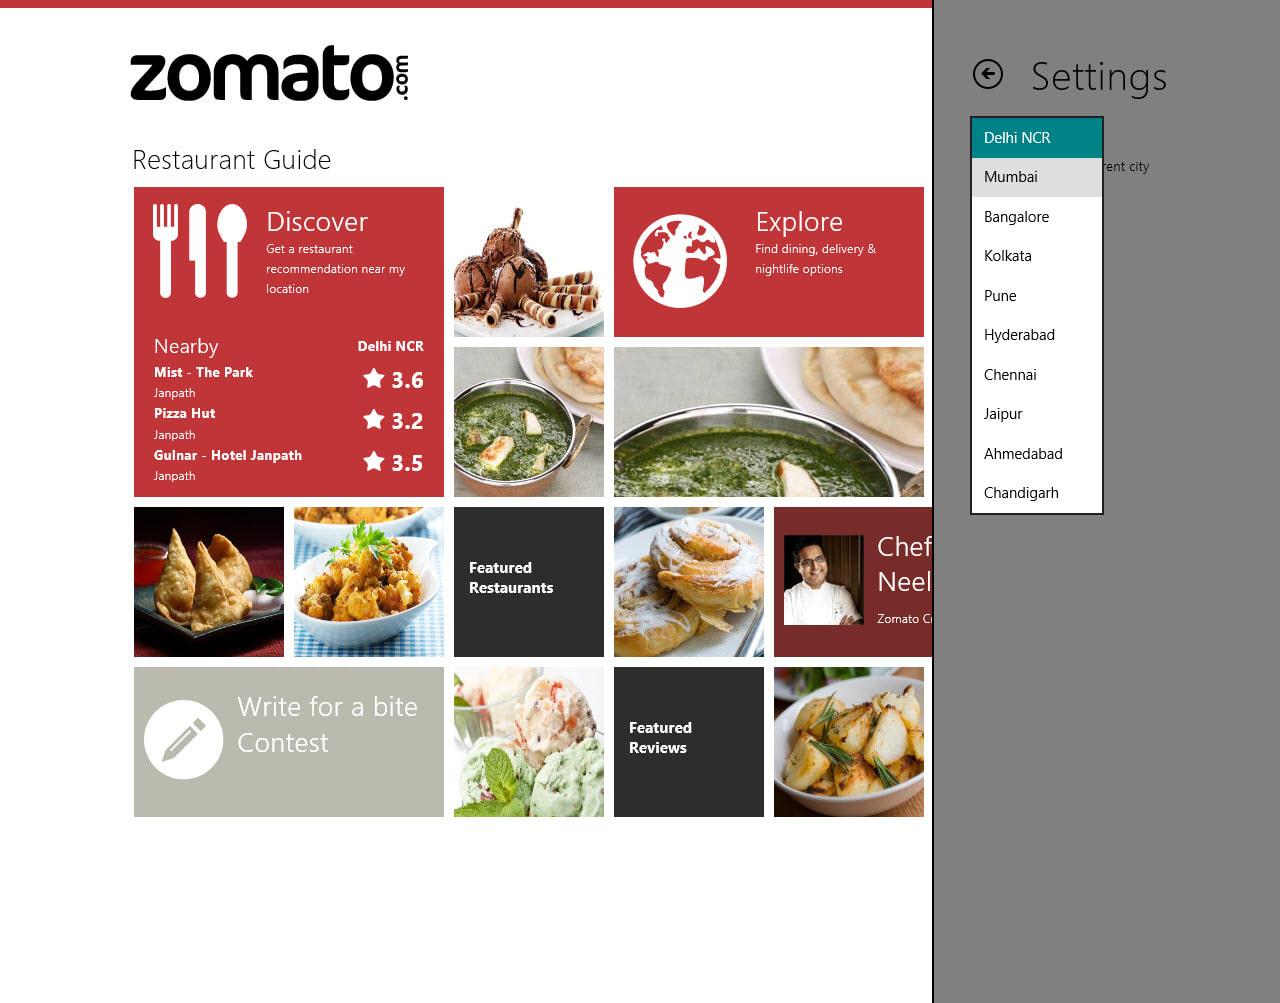 Zomato for Windows 10